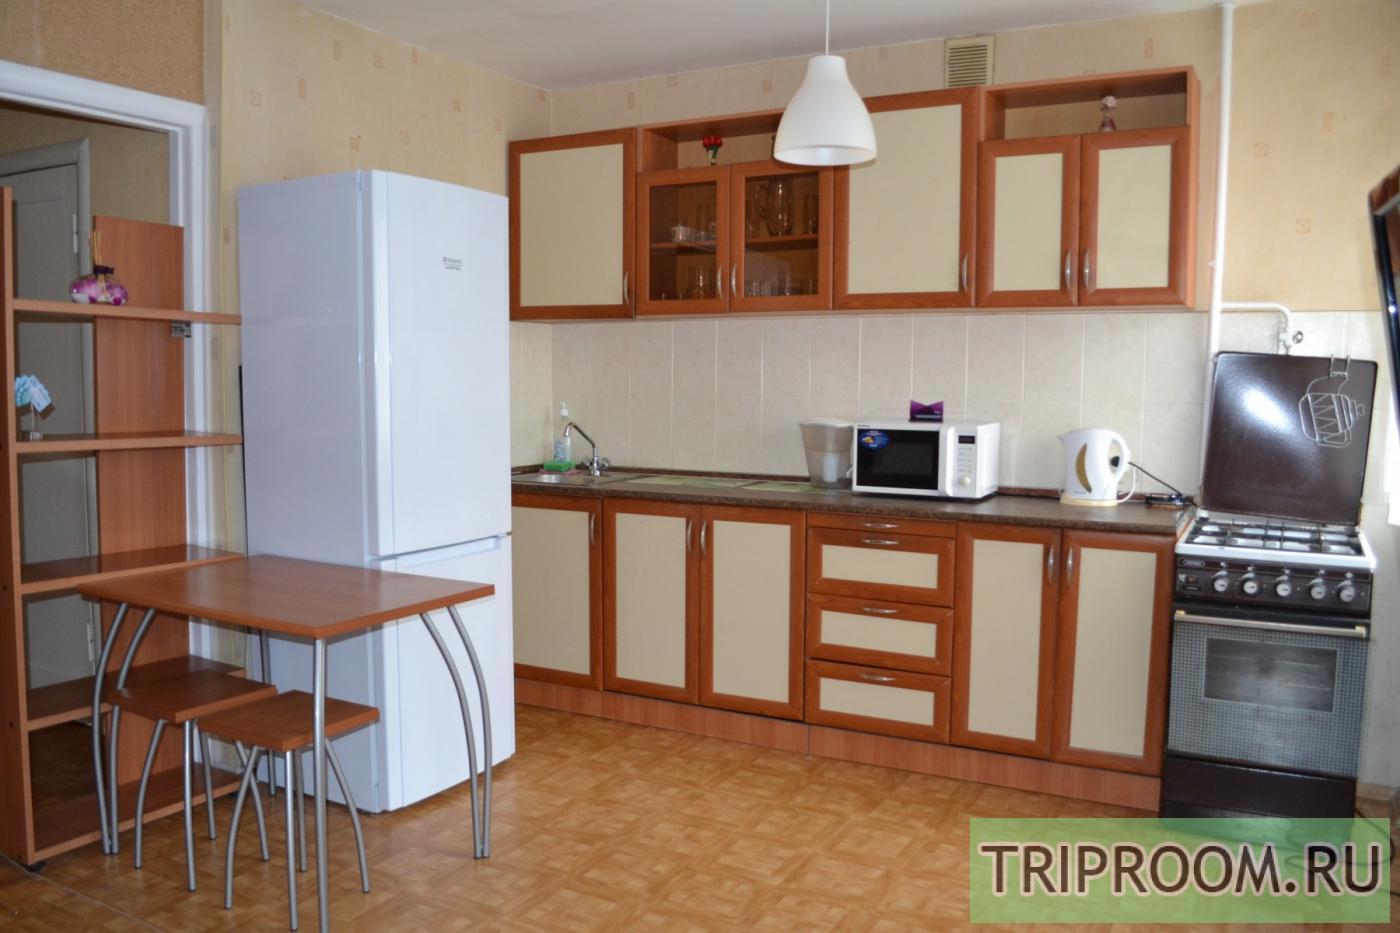 2-комнатная квартира посуточно (вариант № 5718), ул. Воровского улица, фото № 5